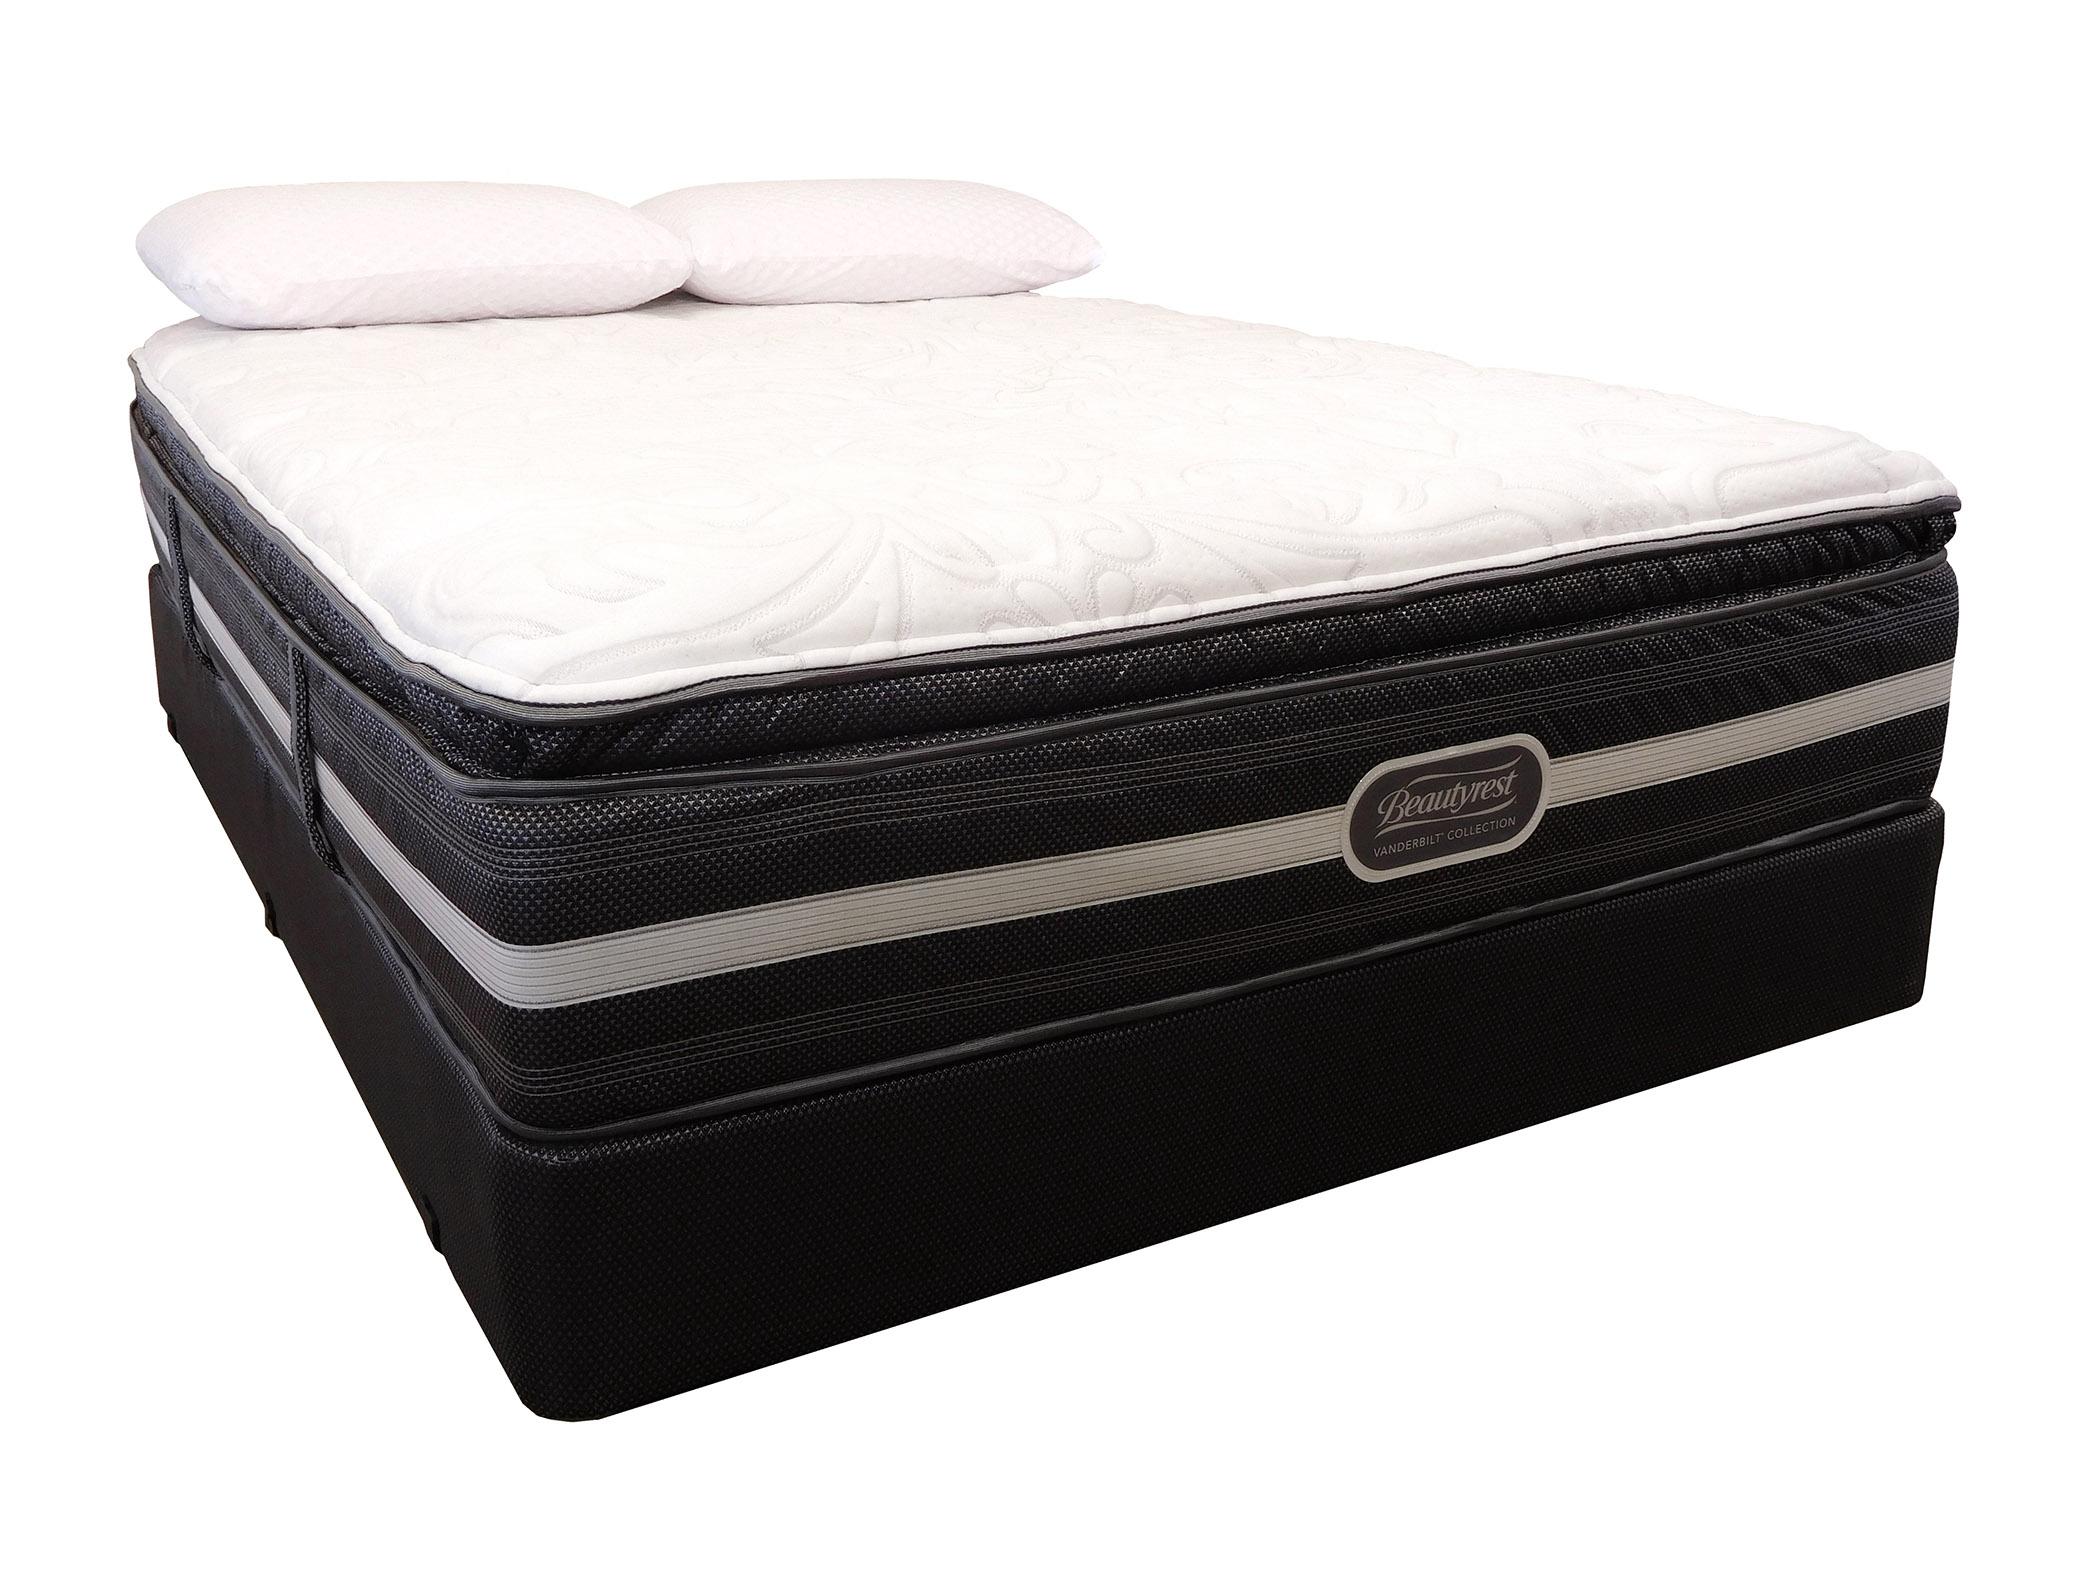 level 4 mattresses memory foam cooled mattress mattress resource